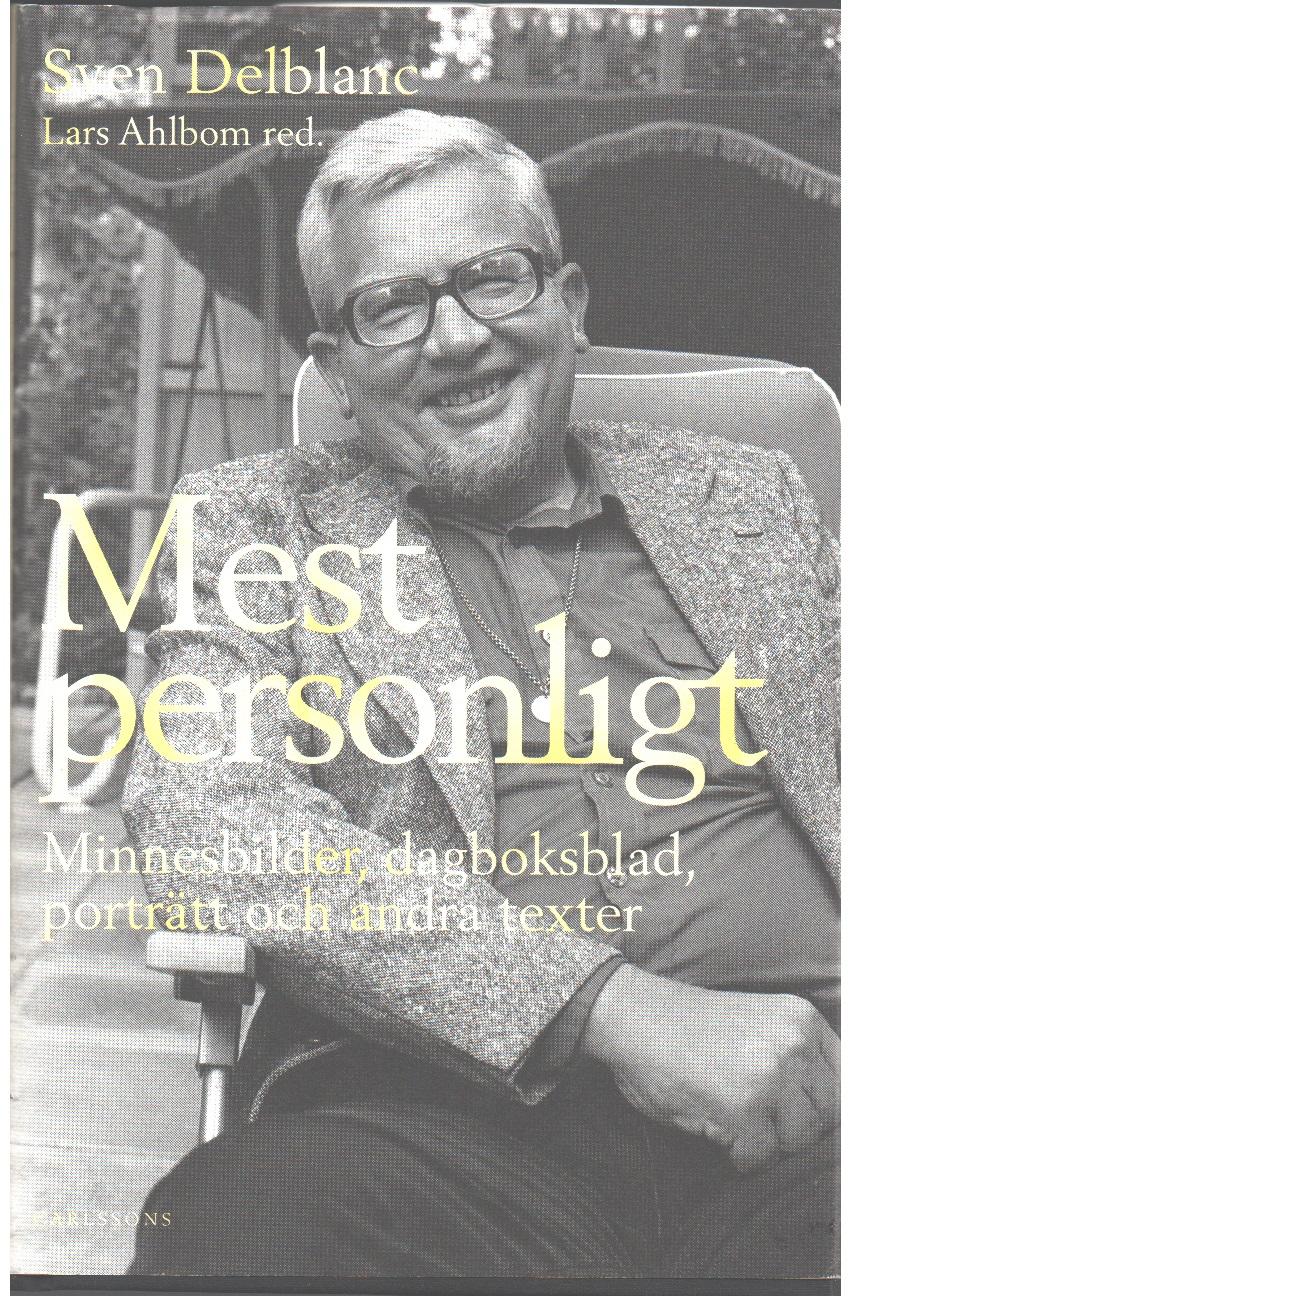 Mest personligt : minnesbilder, dagboksblad, porträtt och andra texter  - Delblanc, Sven